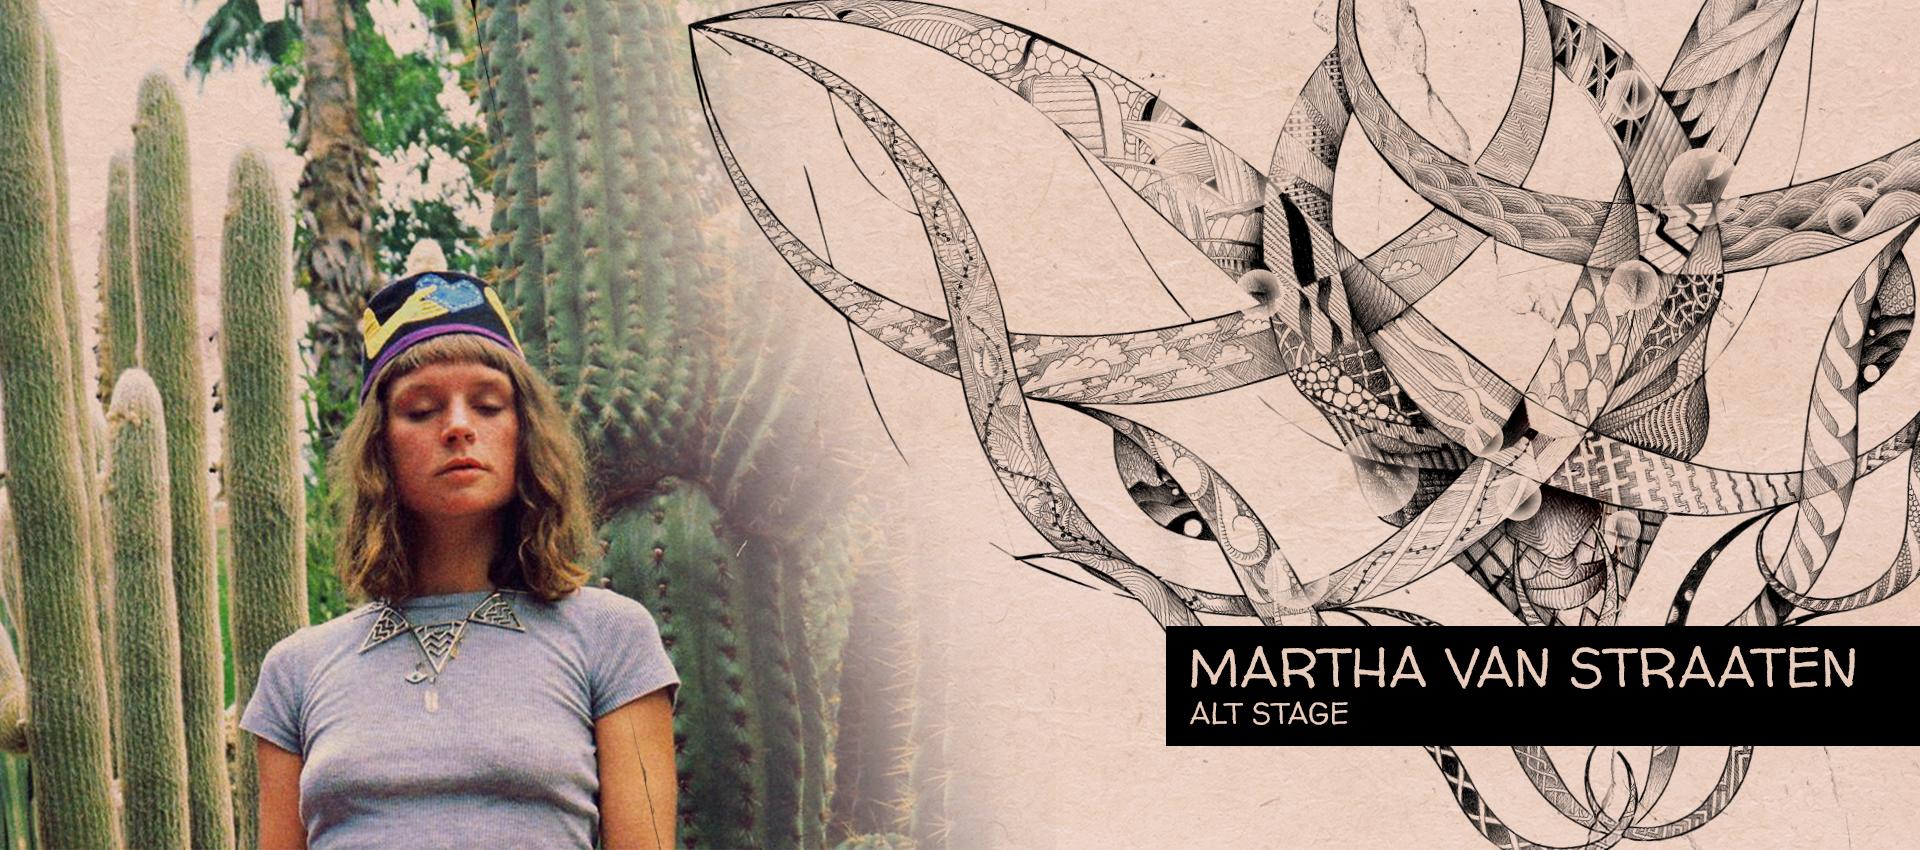 Martha van Straaten